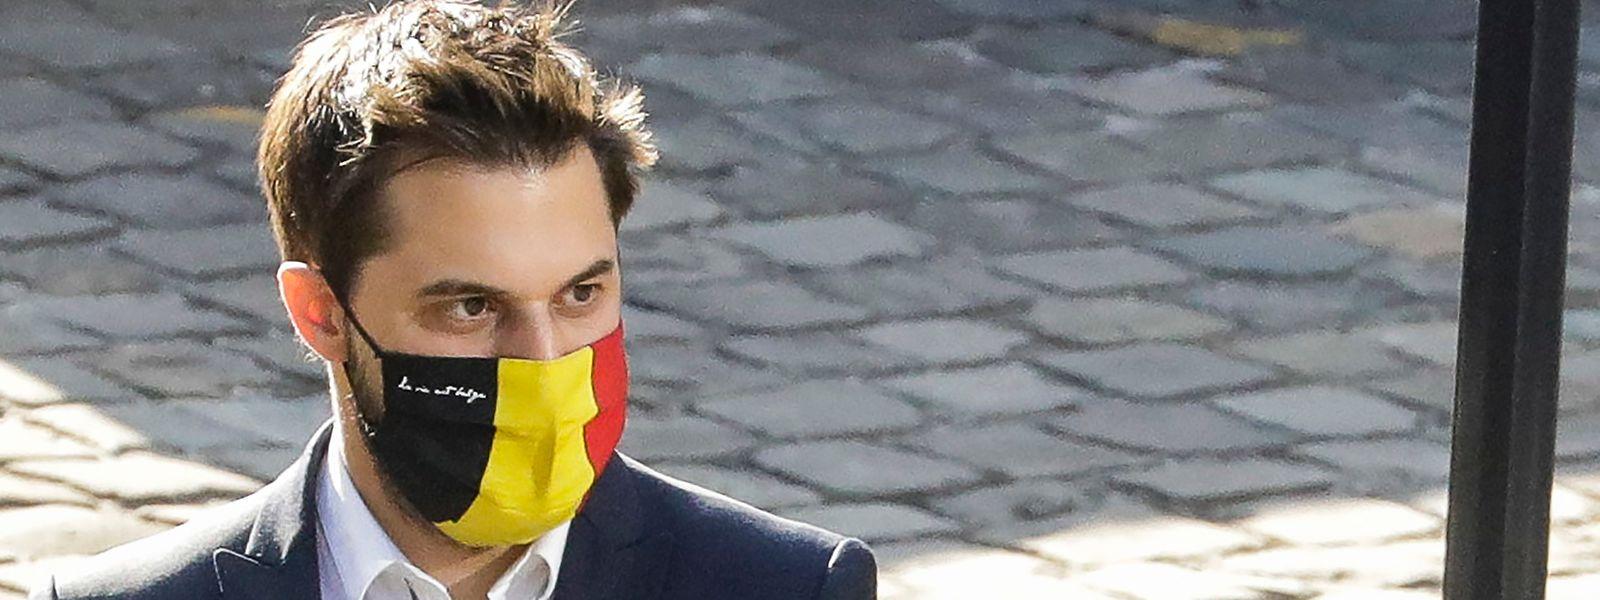 Georges-Louis Bouchez, le président du Mouvement réformateur est pointé du doigt par les autres partis